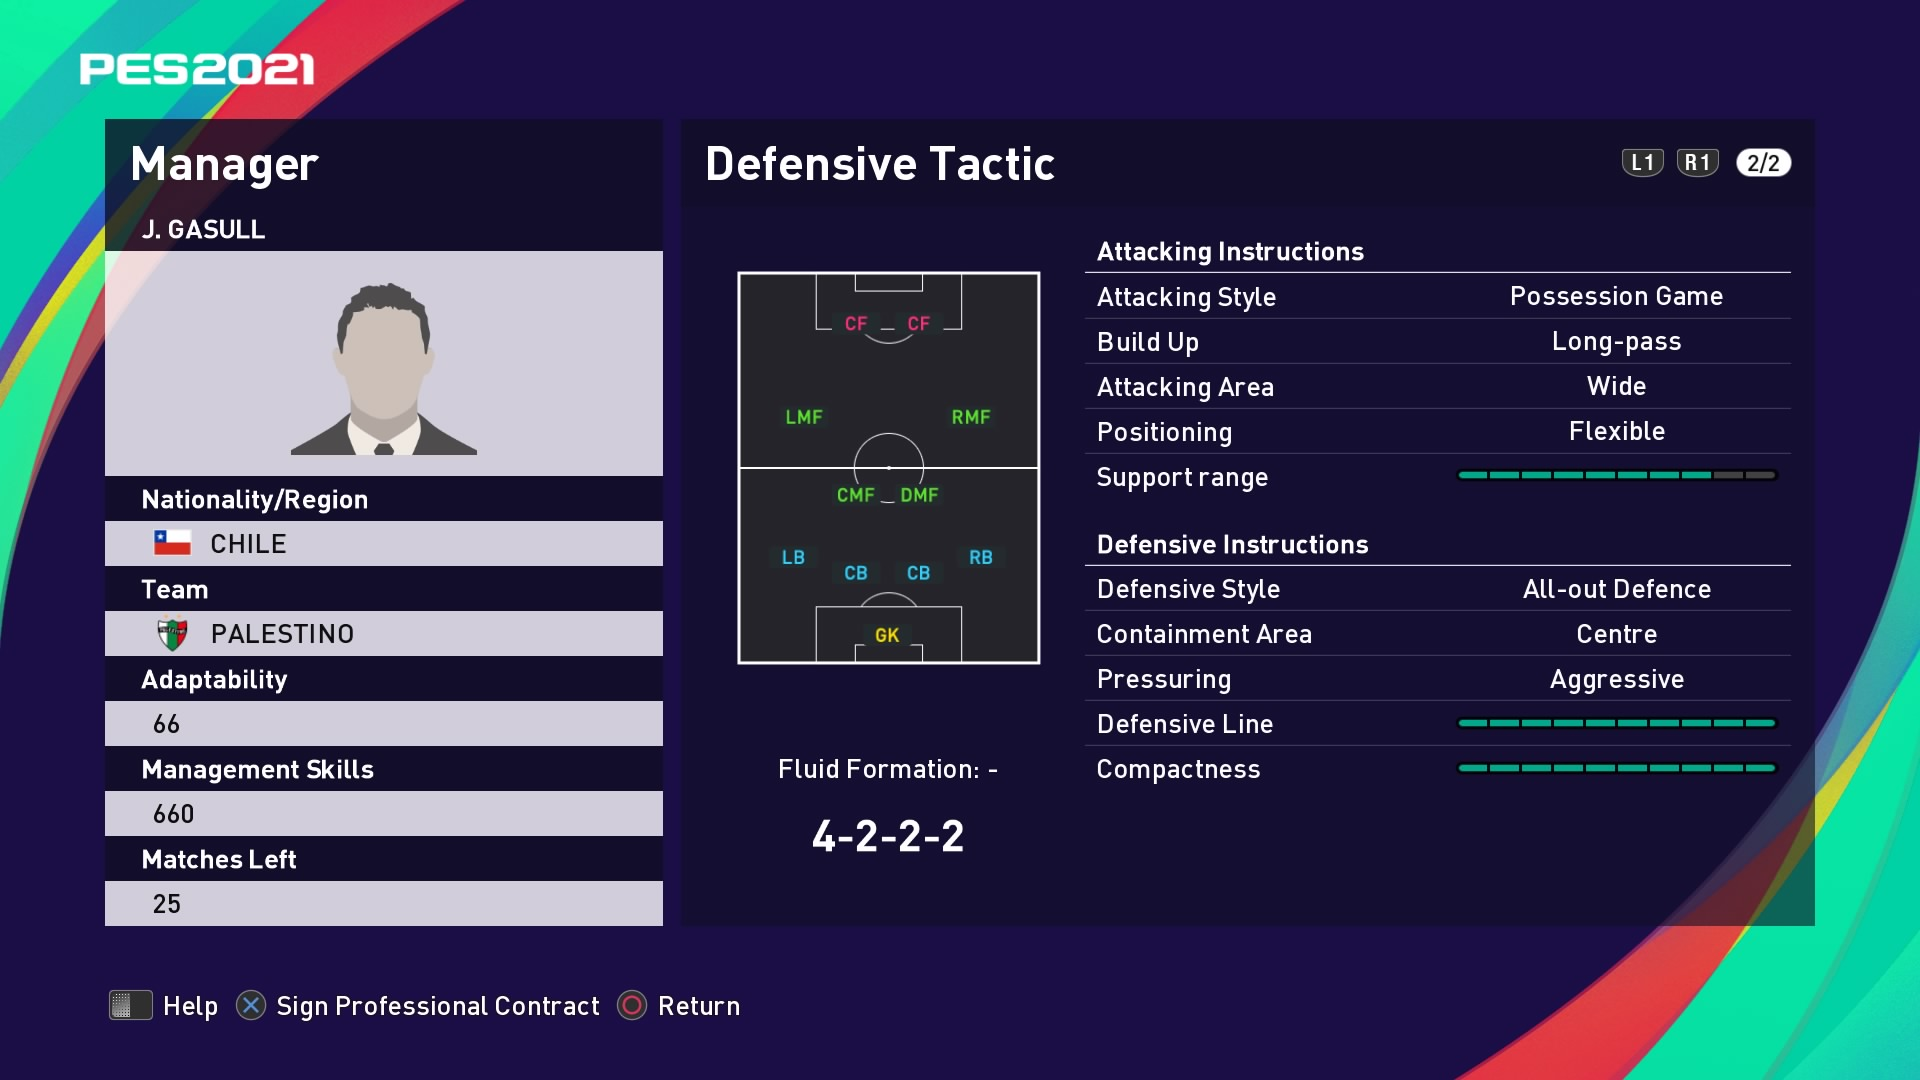 J. Gasull (Ivo Basay) Defensive Tactic in PES 2021 myClub